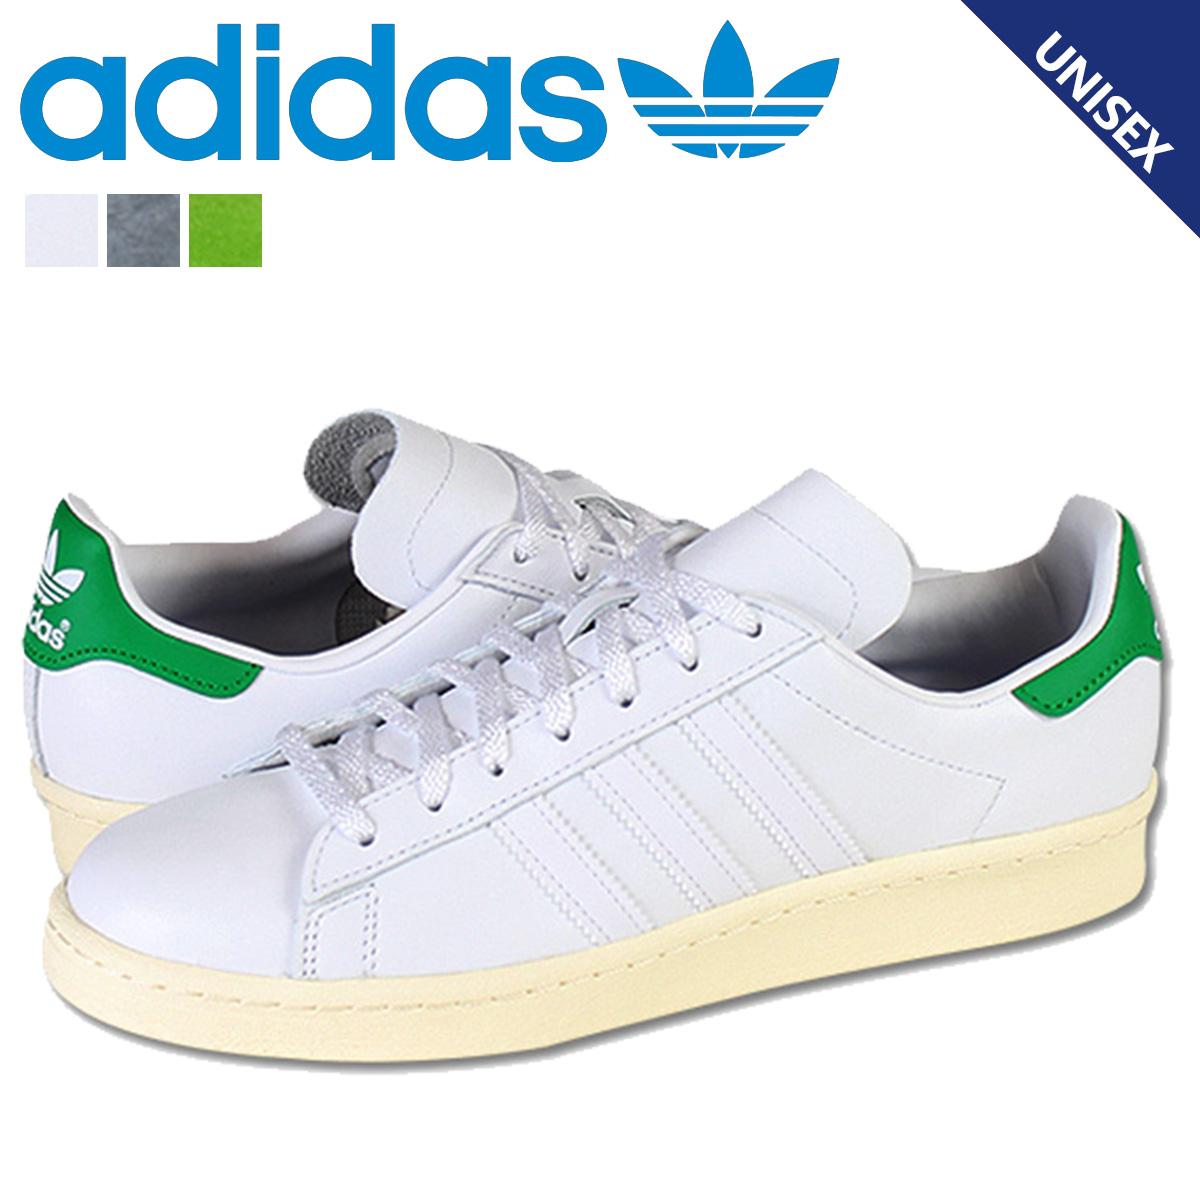 online retailer ae809 4c41d Adidas NIGO adidas CAMPUS 80s スニーカーキャンパスニゴー 25 B33821 M19208 M19209 men  gap Dis